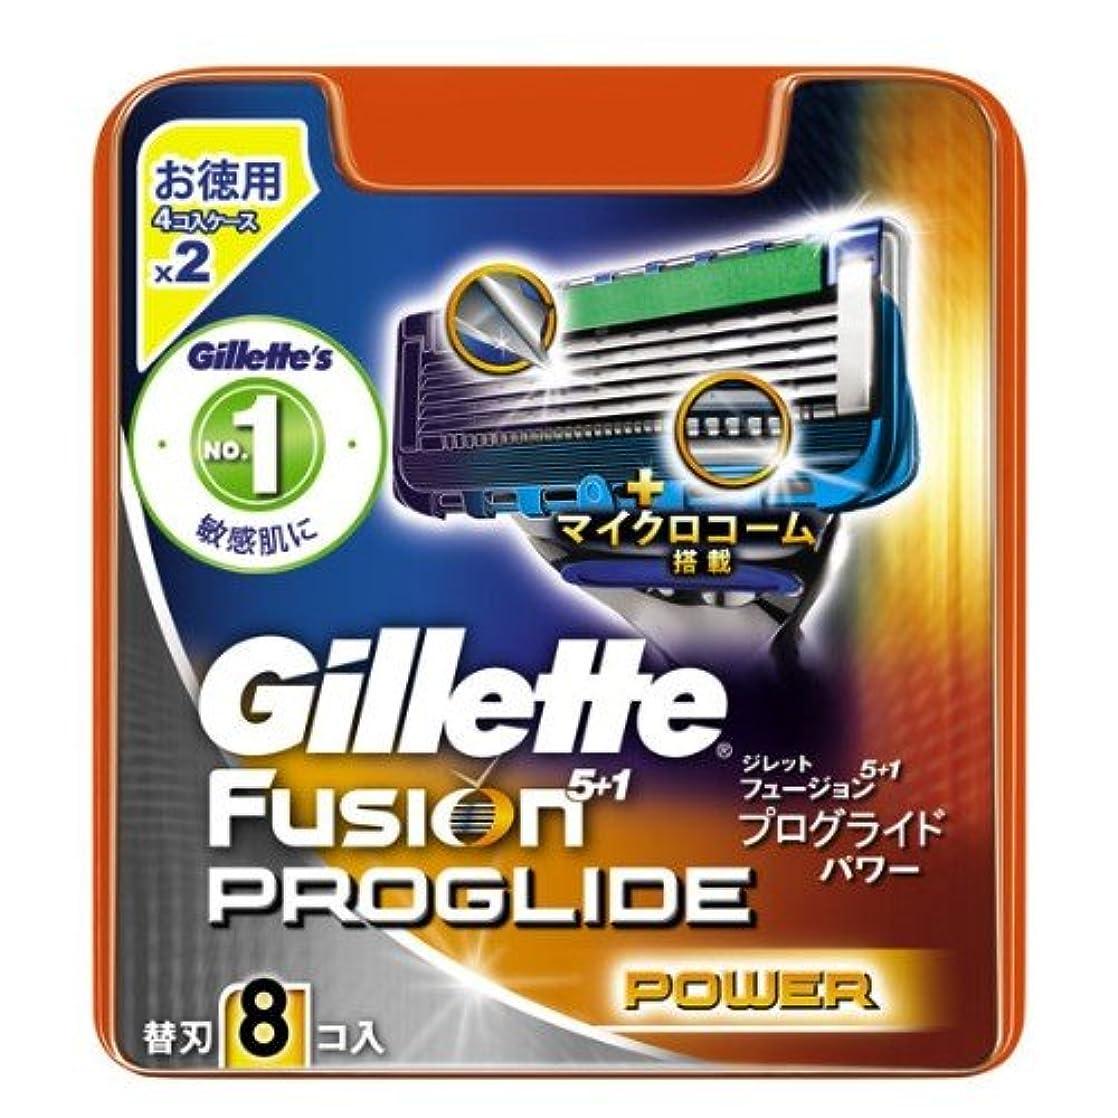 スペル丁寧同様にジレット プログライドパワー 専用替刃 8B